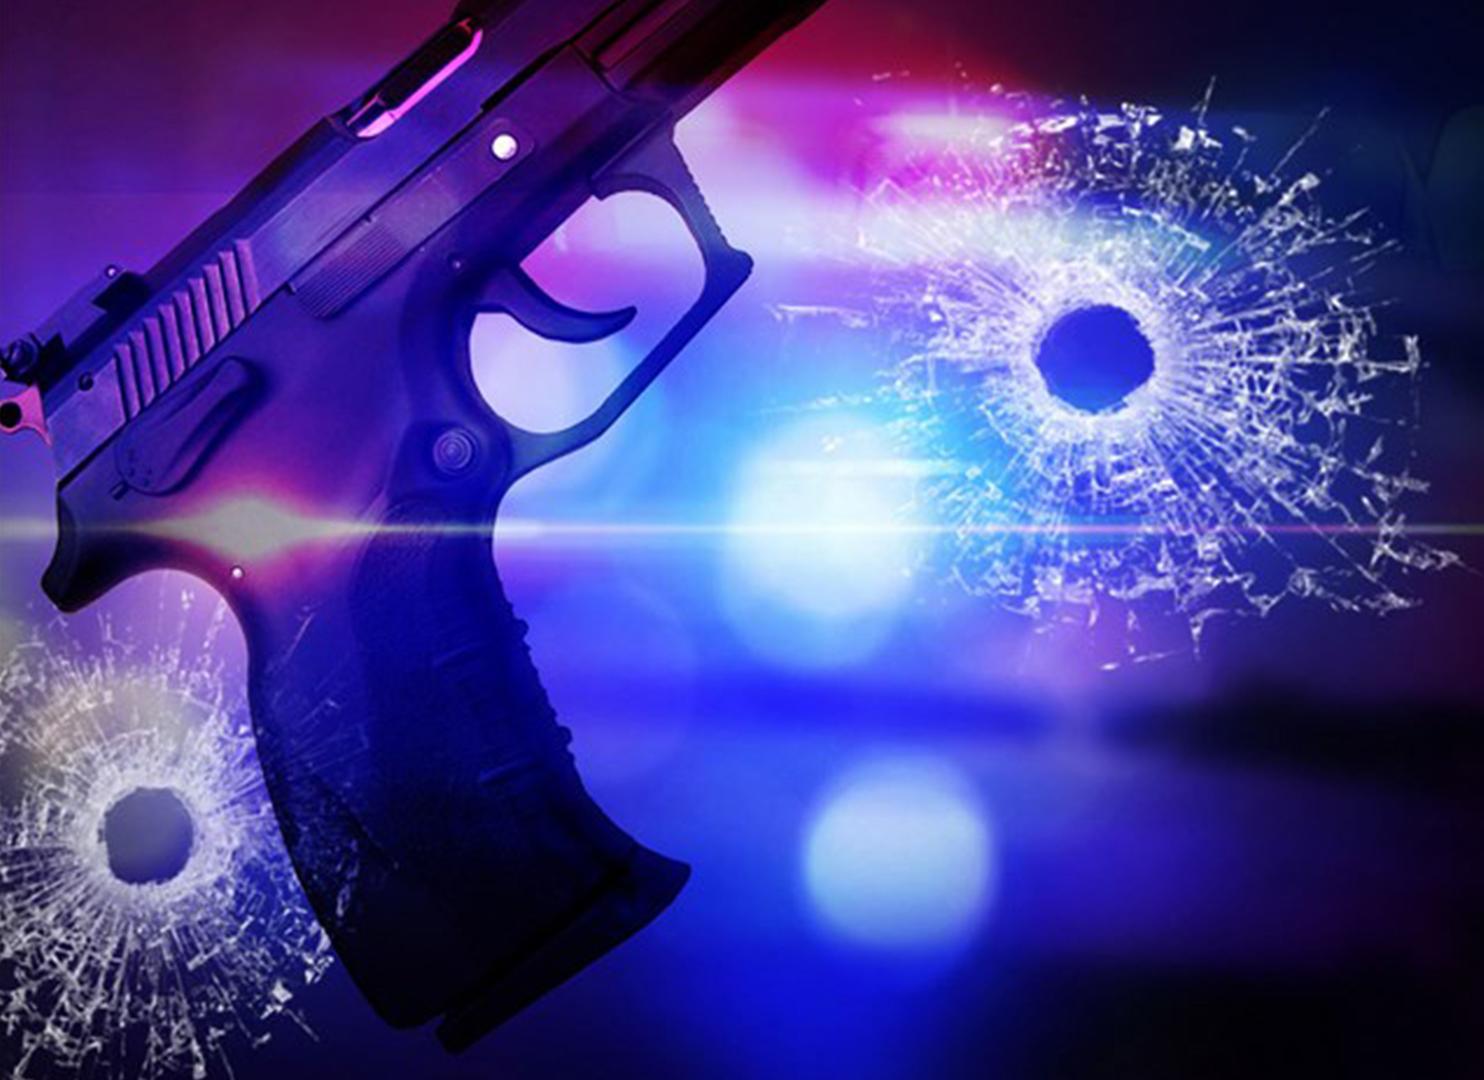 Police lights with gun and shooting_1508471301766.jpg